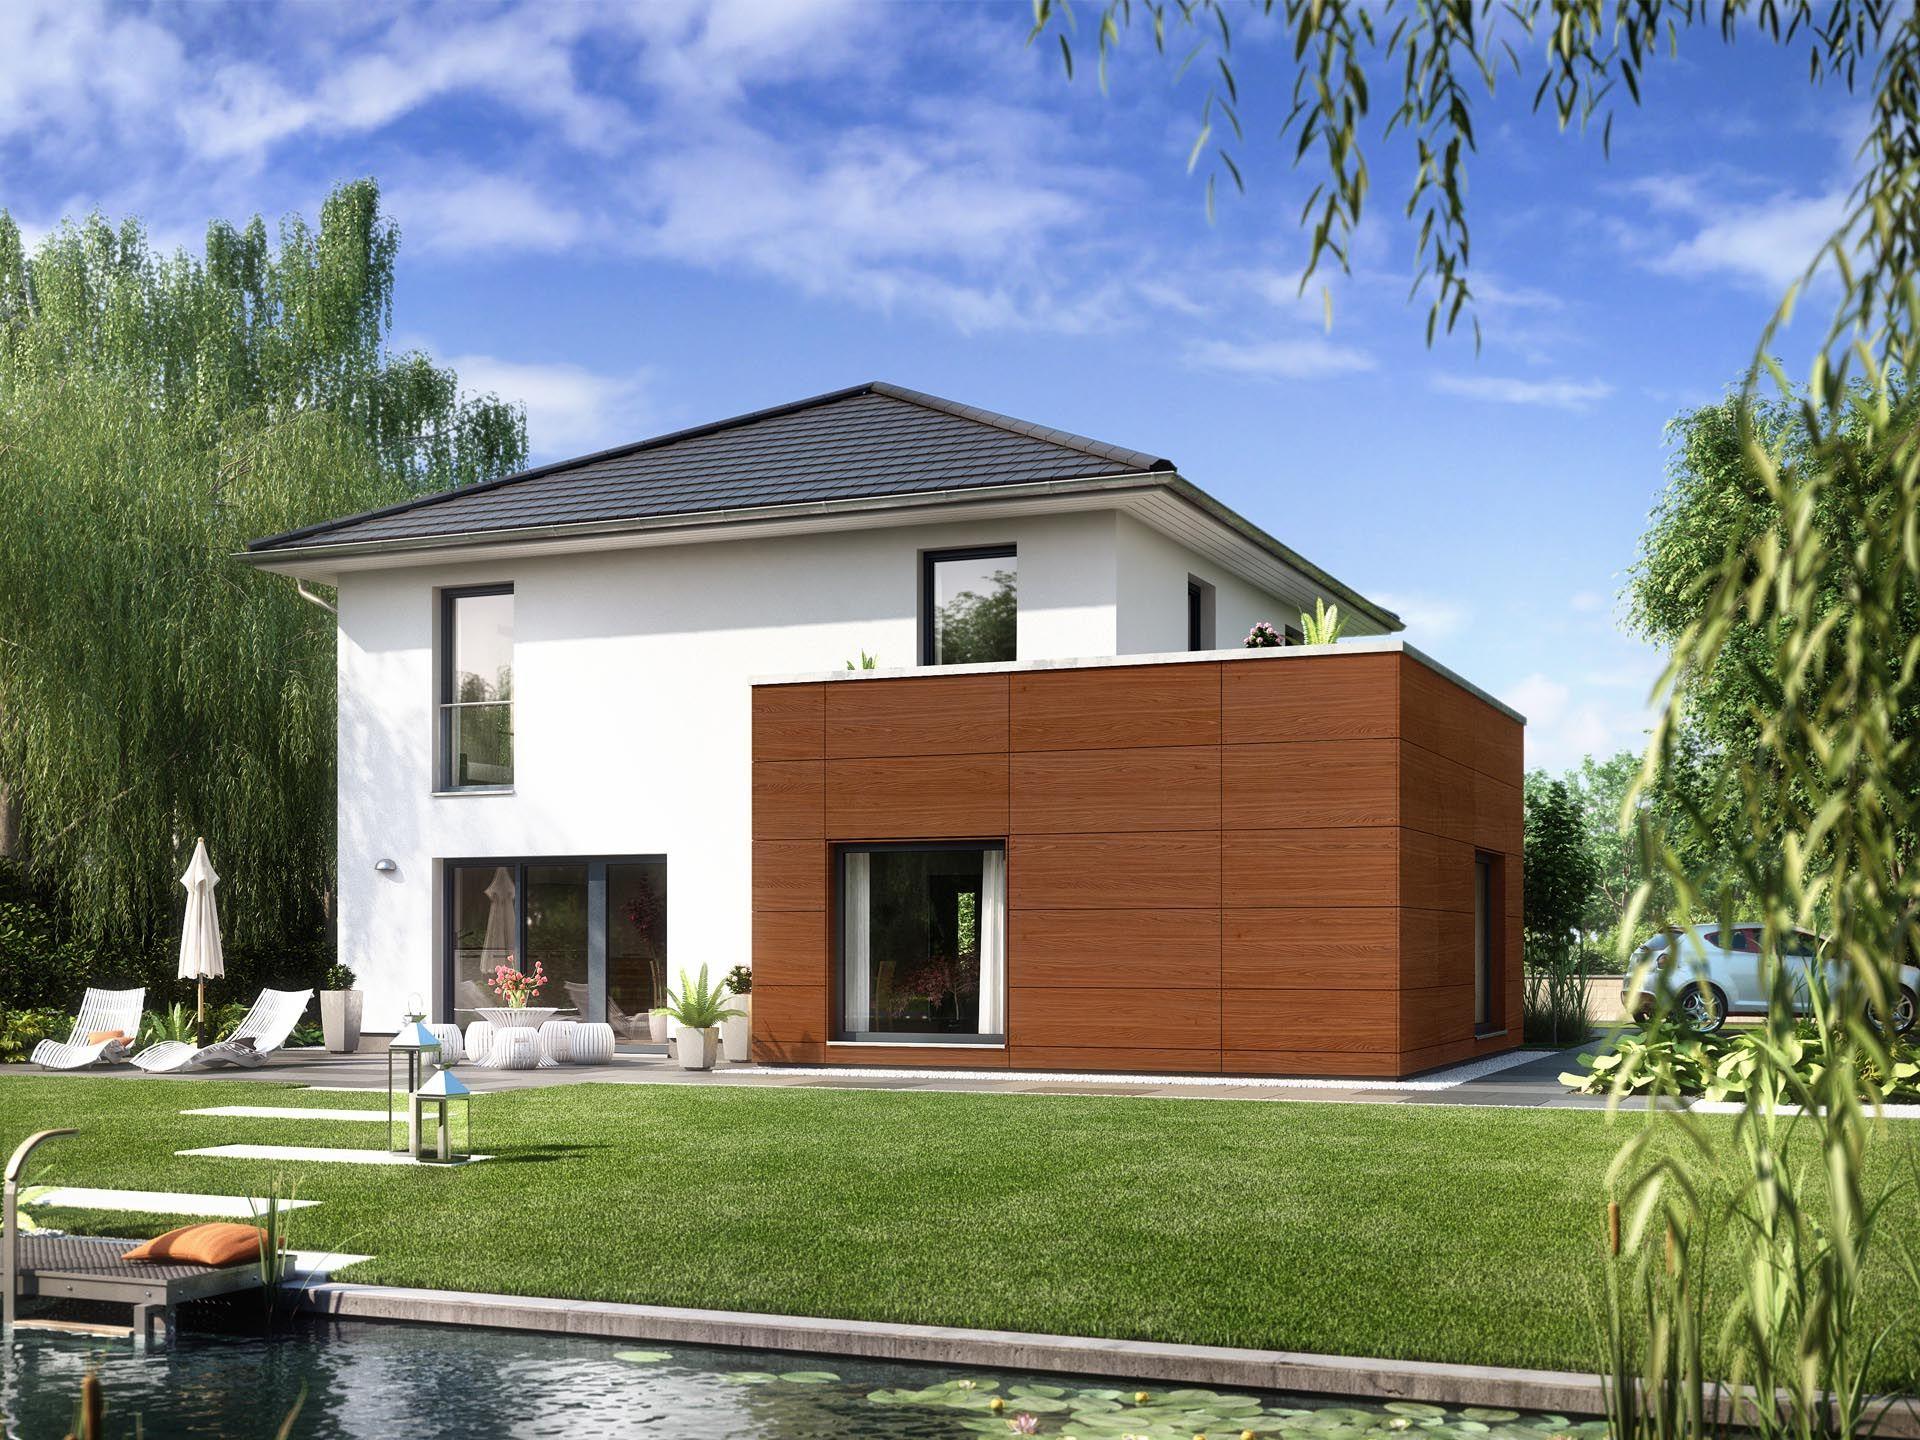 Musterhaus einfamilienhaus  Stadtvilla ARCUS WD.200.2 • Einfamilienhaus von Heinz von Heiden ...